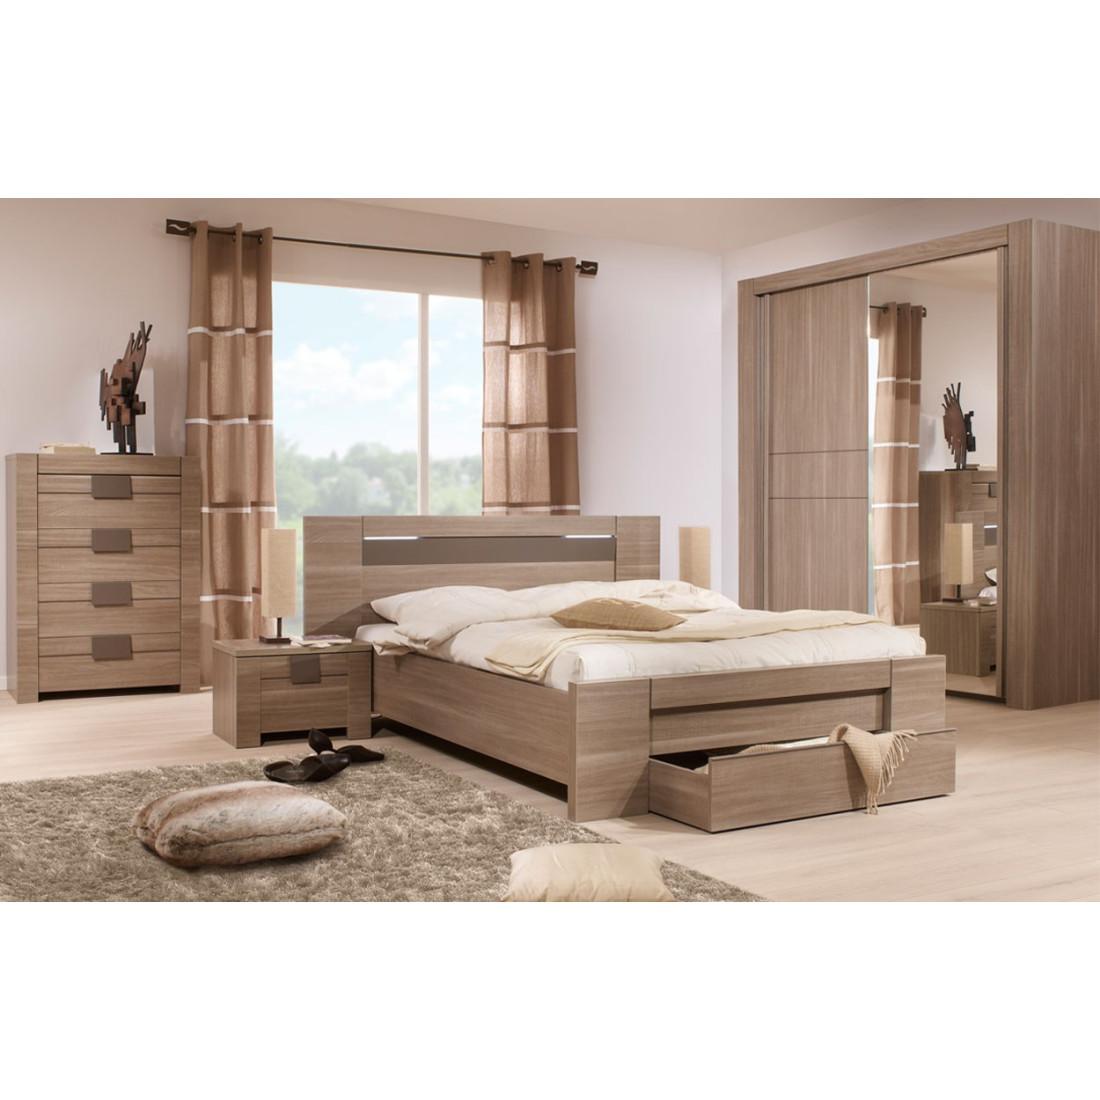 cadre t te de lit 160 200 macao univers chambre tousmesmeubles. Black Bedroom Furniture Sets. Home Design Ideas